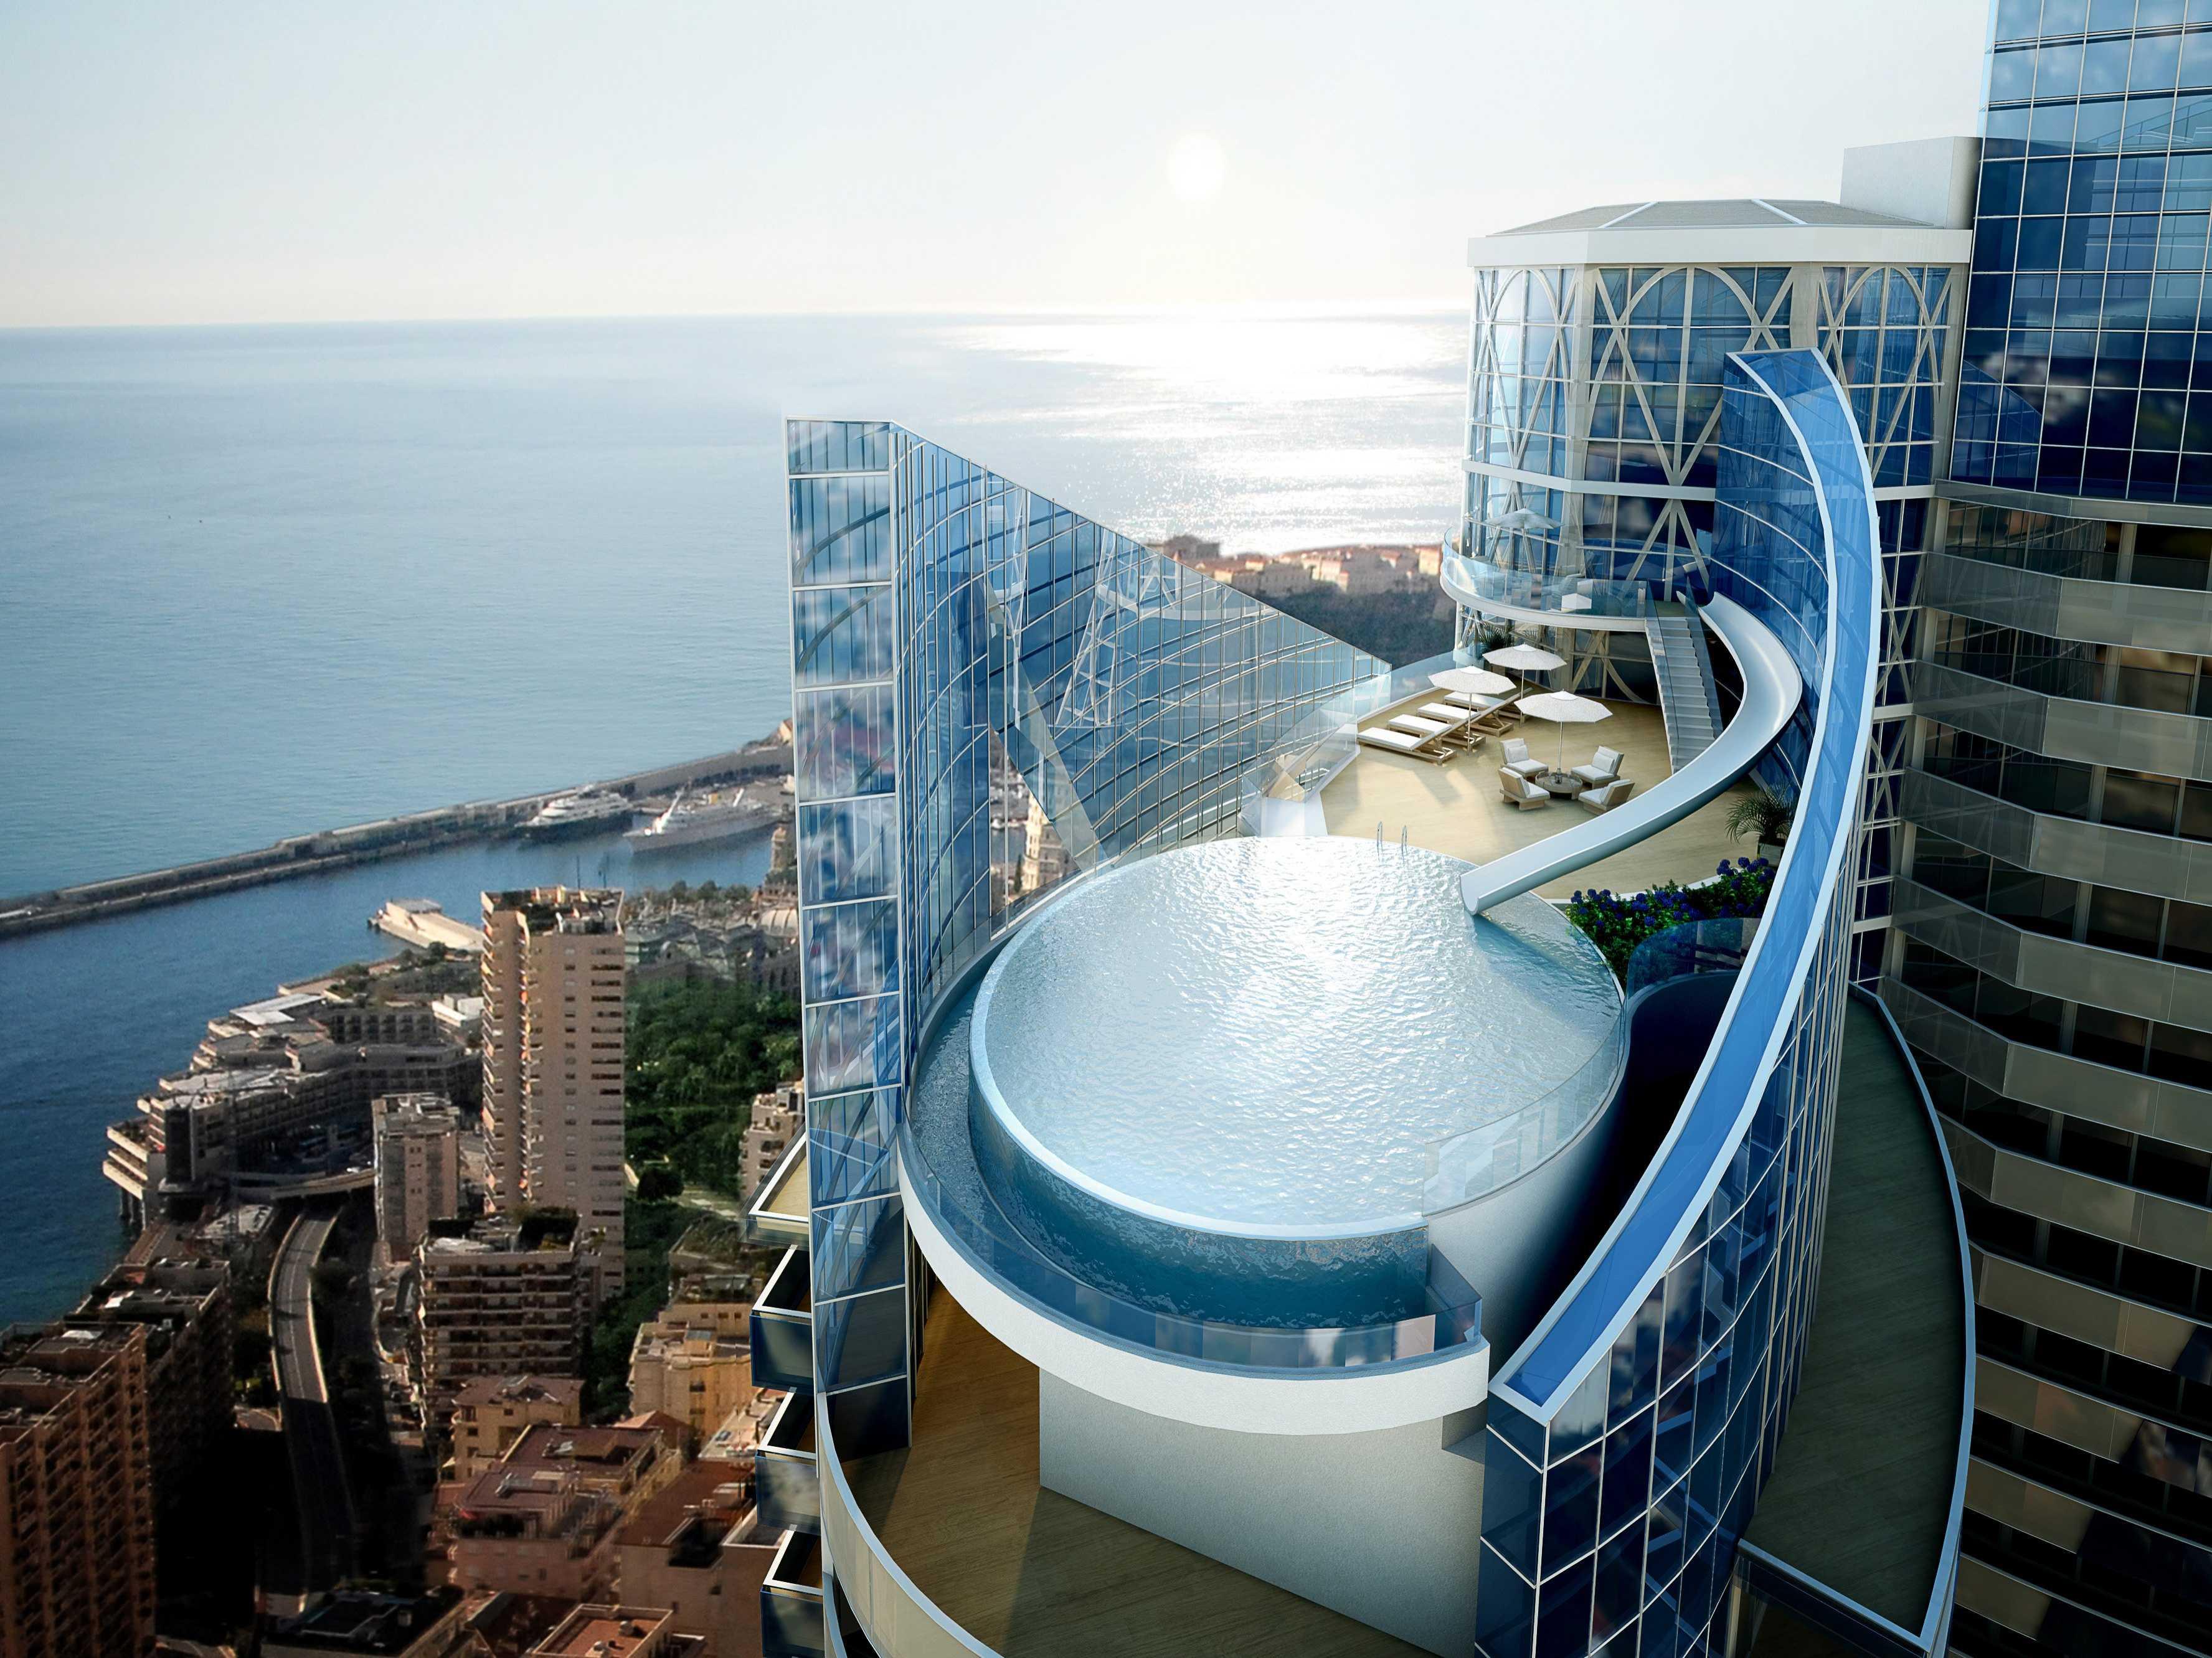 monaco penthouse concept could hit the market for 280 million